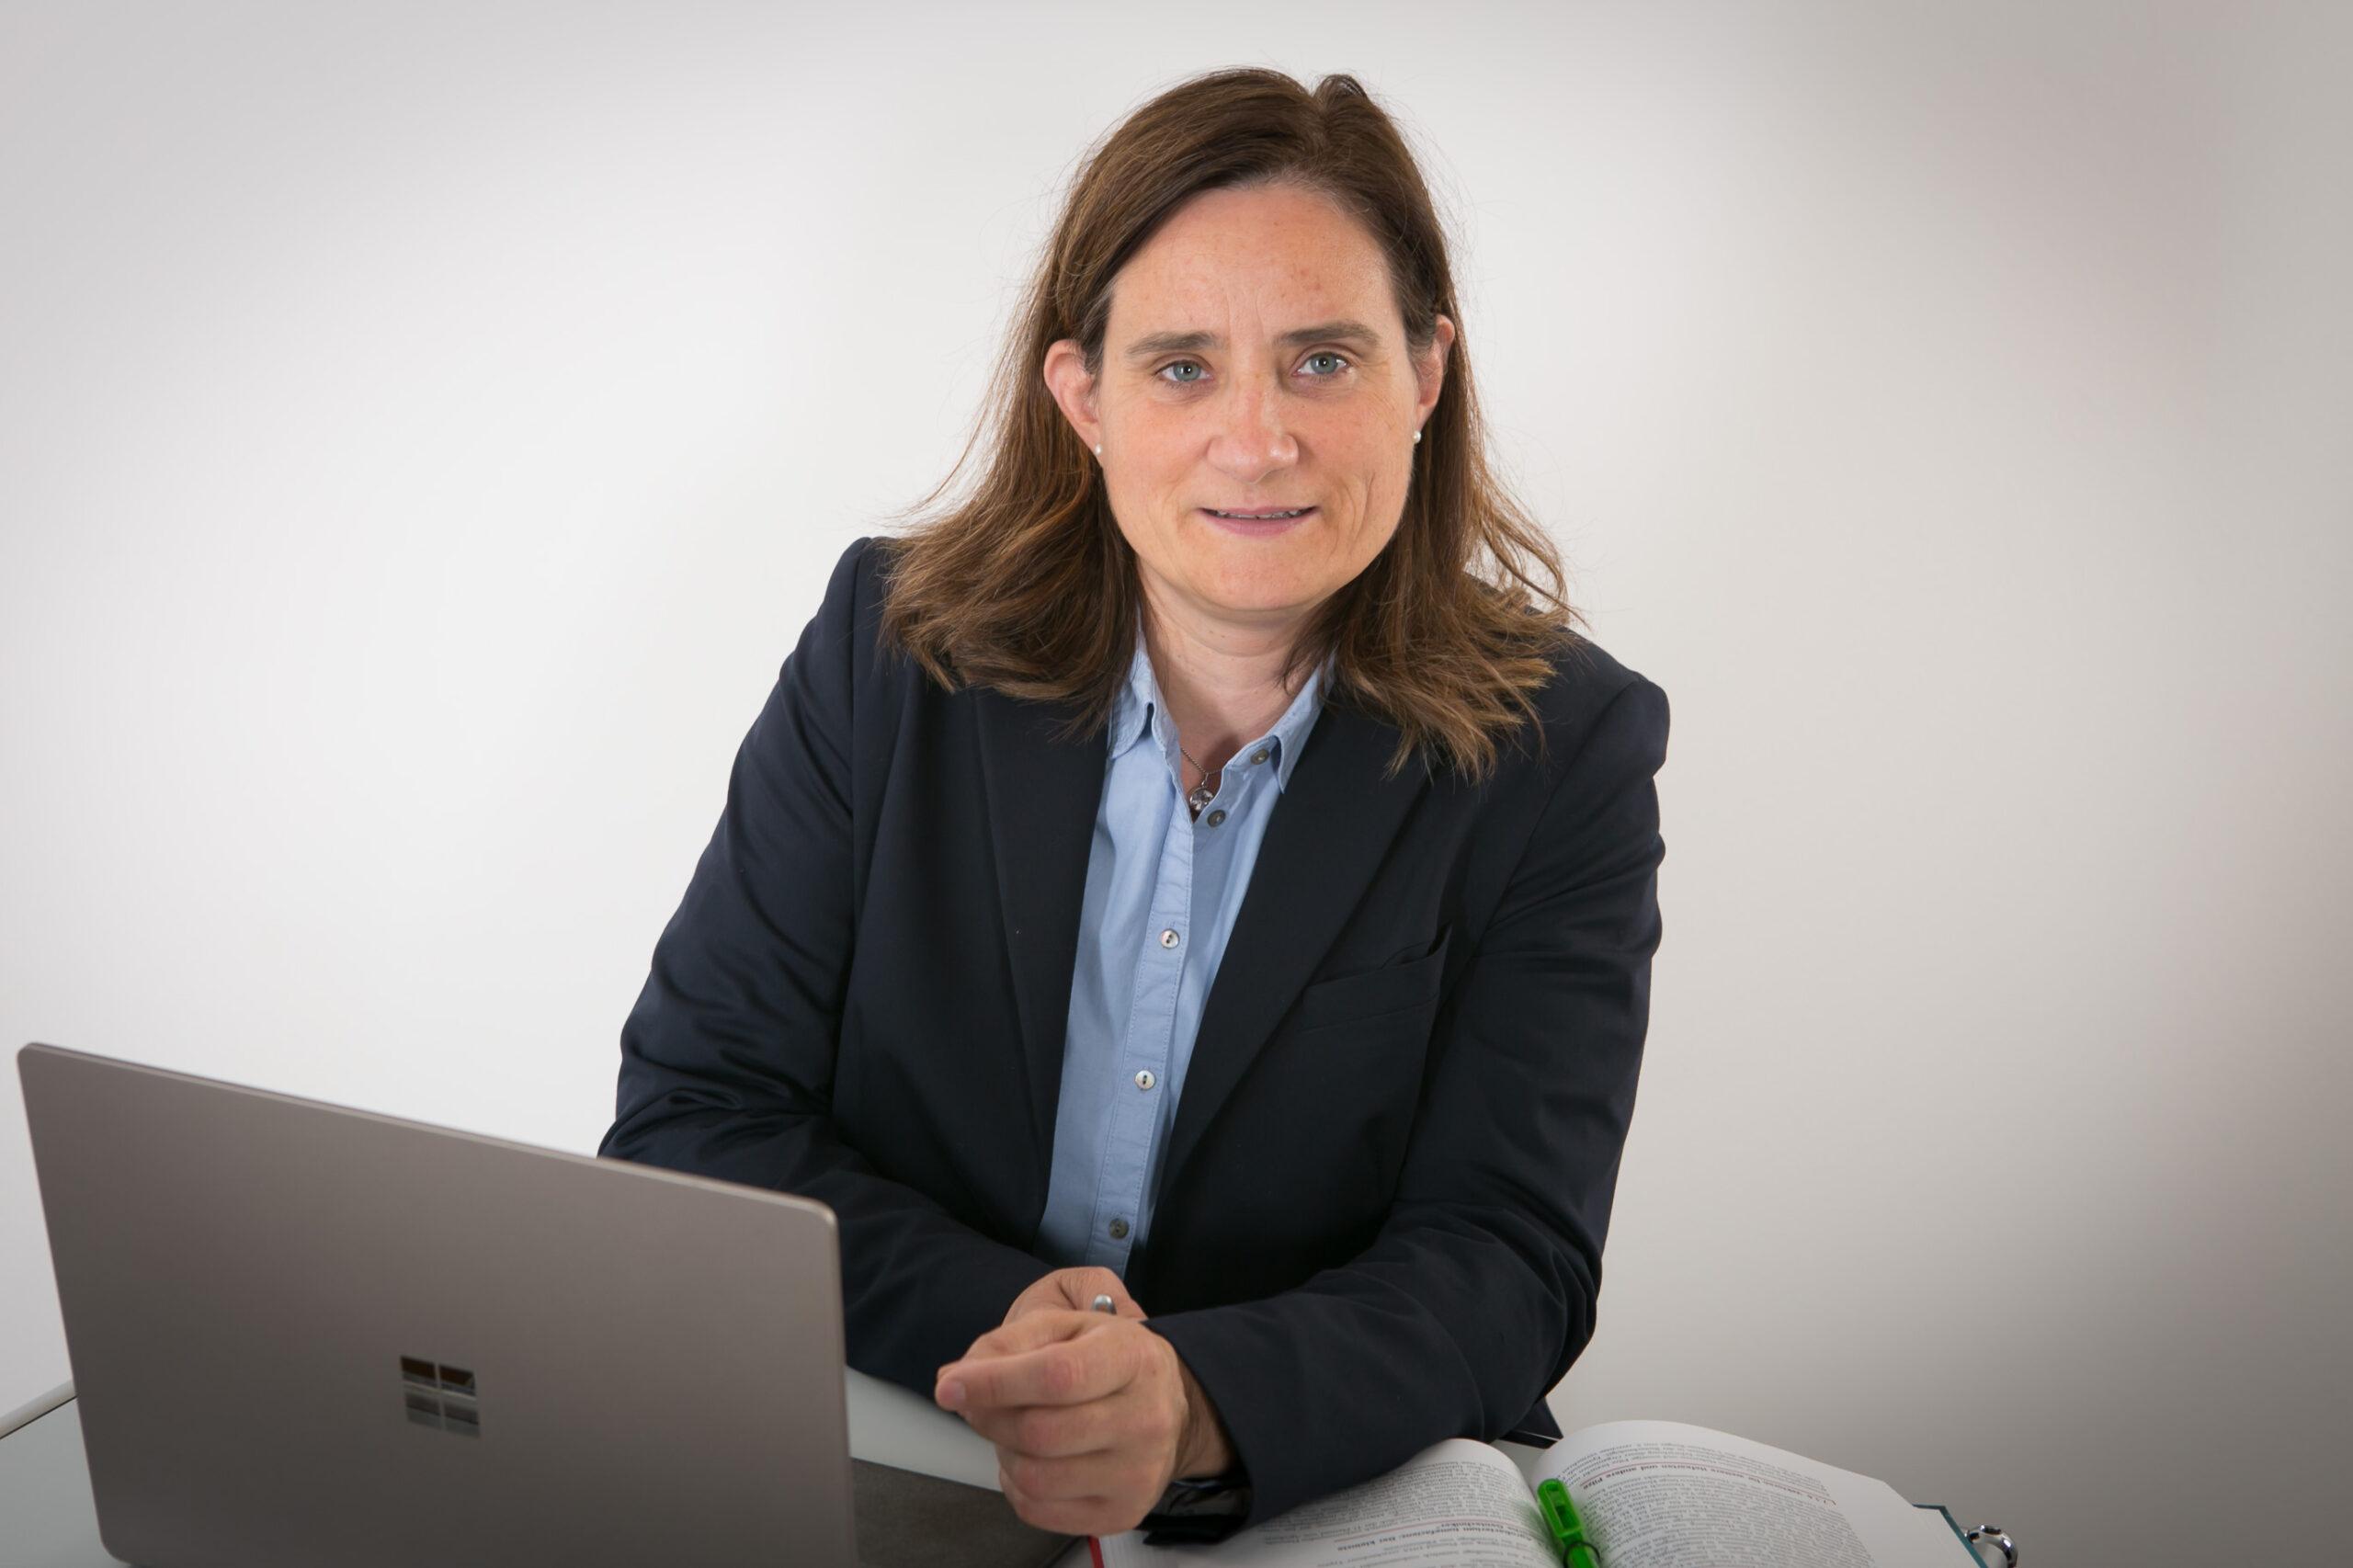 Katja Ritterbusch